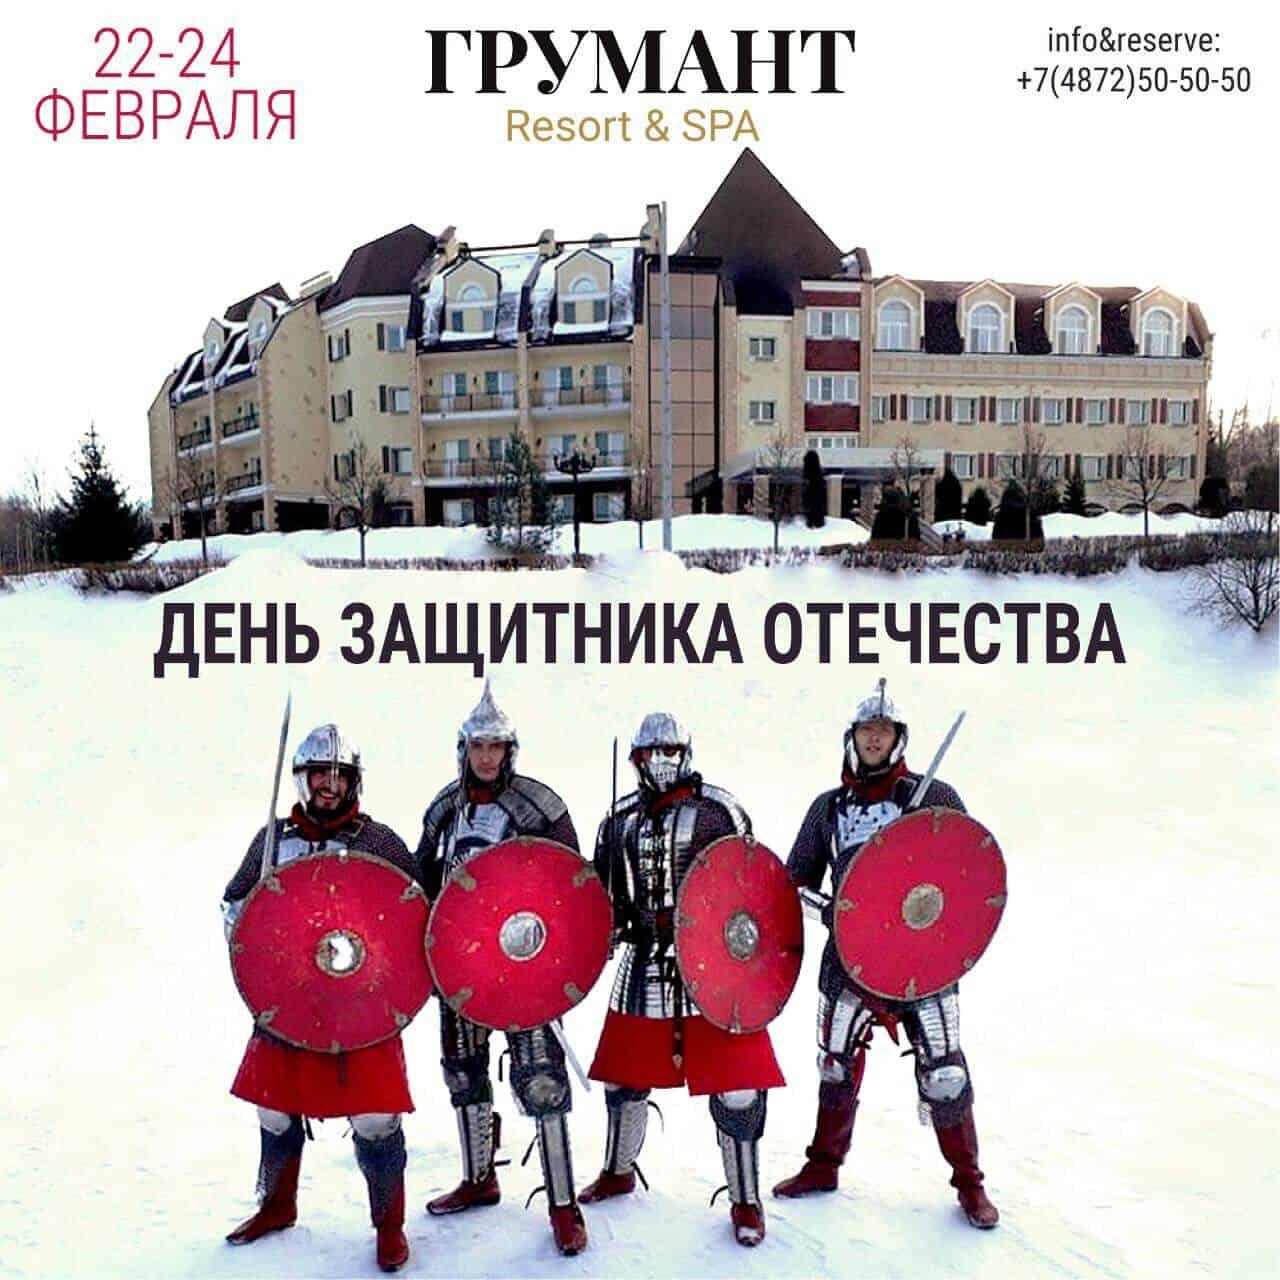 День защитника Отечества в загородном отеле ГРУМАНТ Resort&SPA!